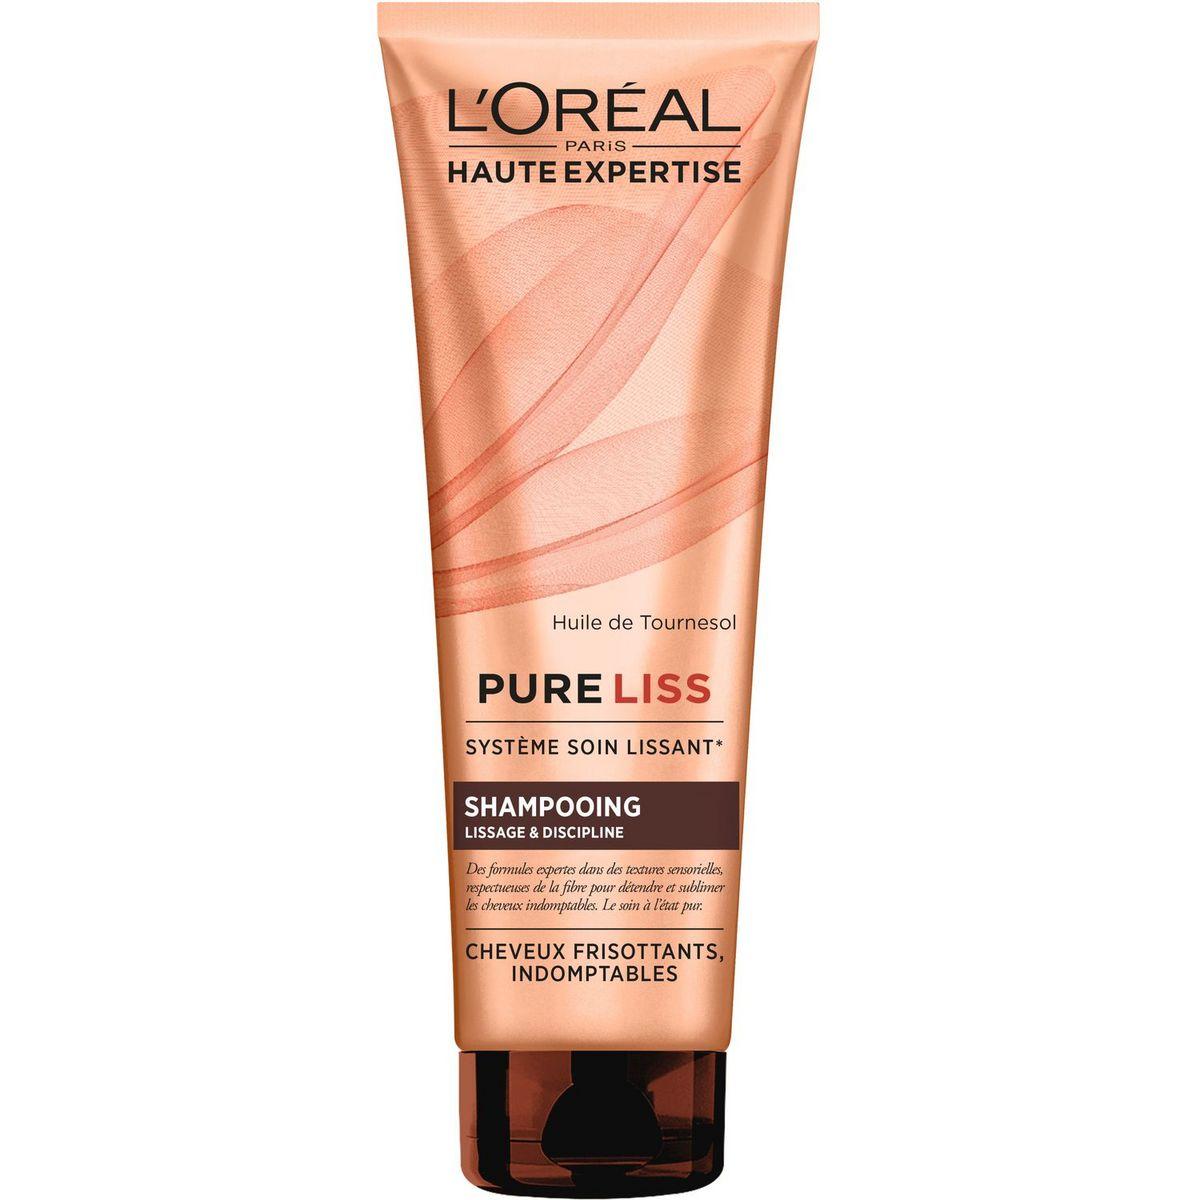 L'Oréal Pure Liss shampoing lissage & discipline cheveux frisottants 250ml